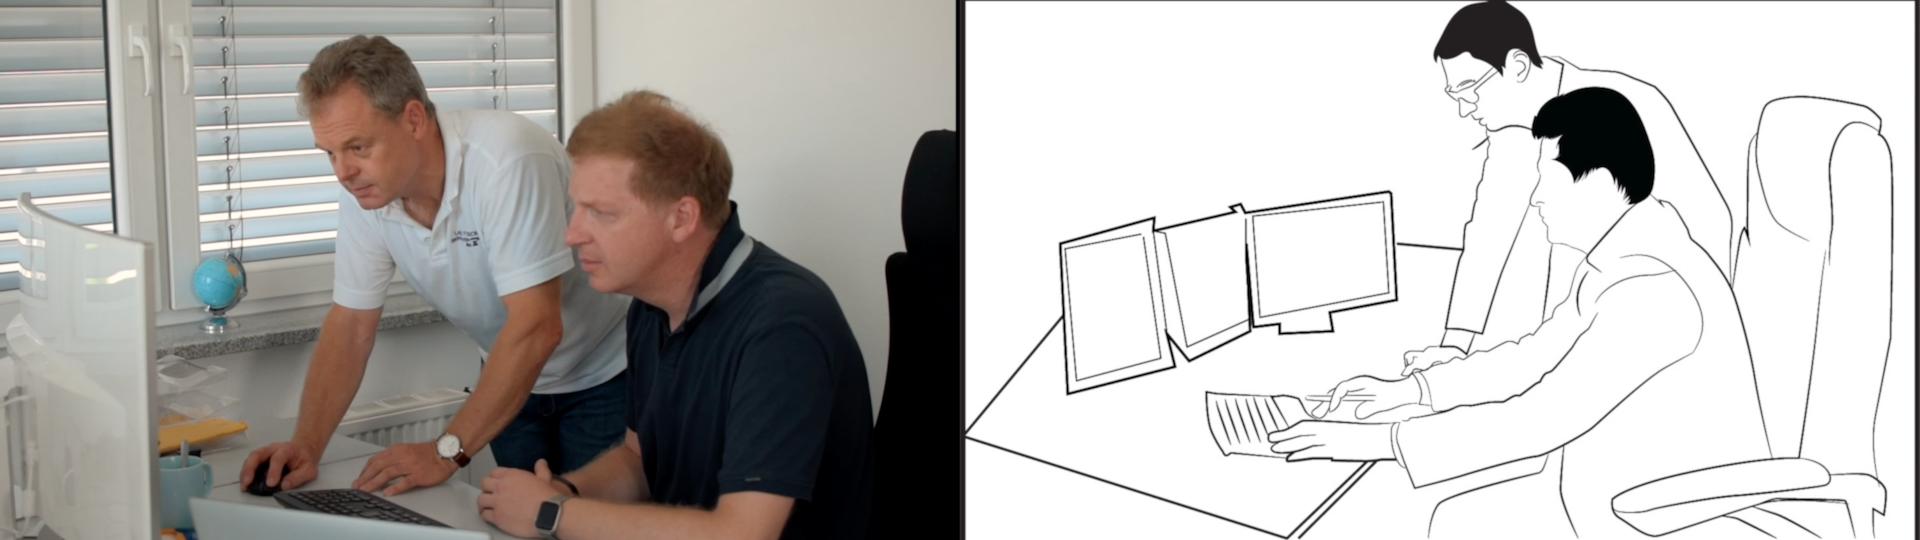 Storyboard bei Alva Studios mit Lake Fusion Technologies - links das Endergebnis und rechts die Zeichnung